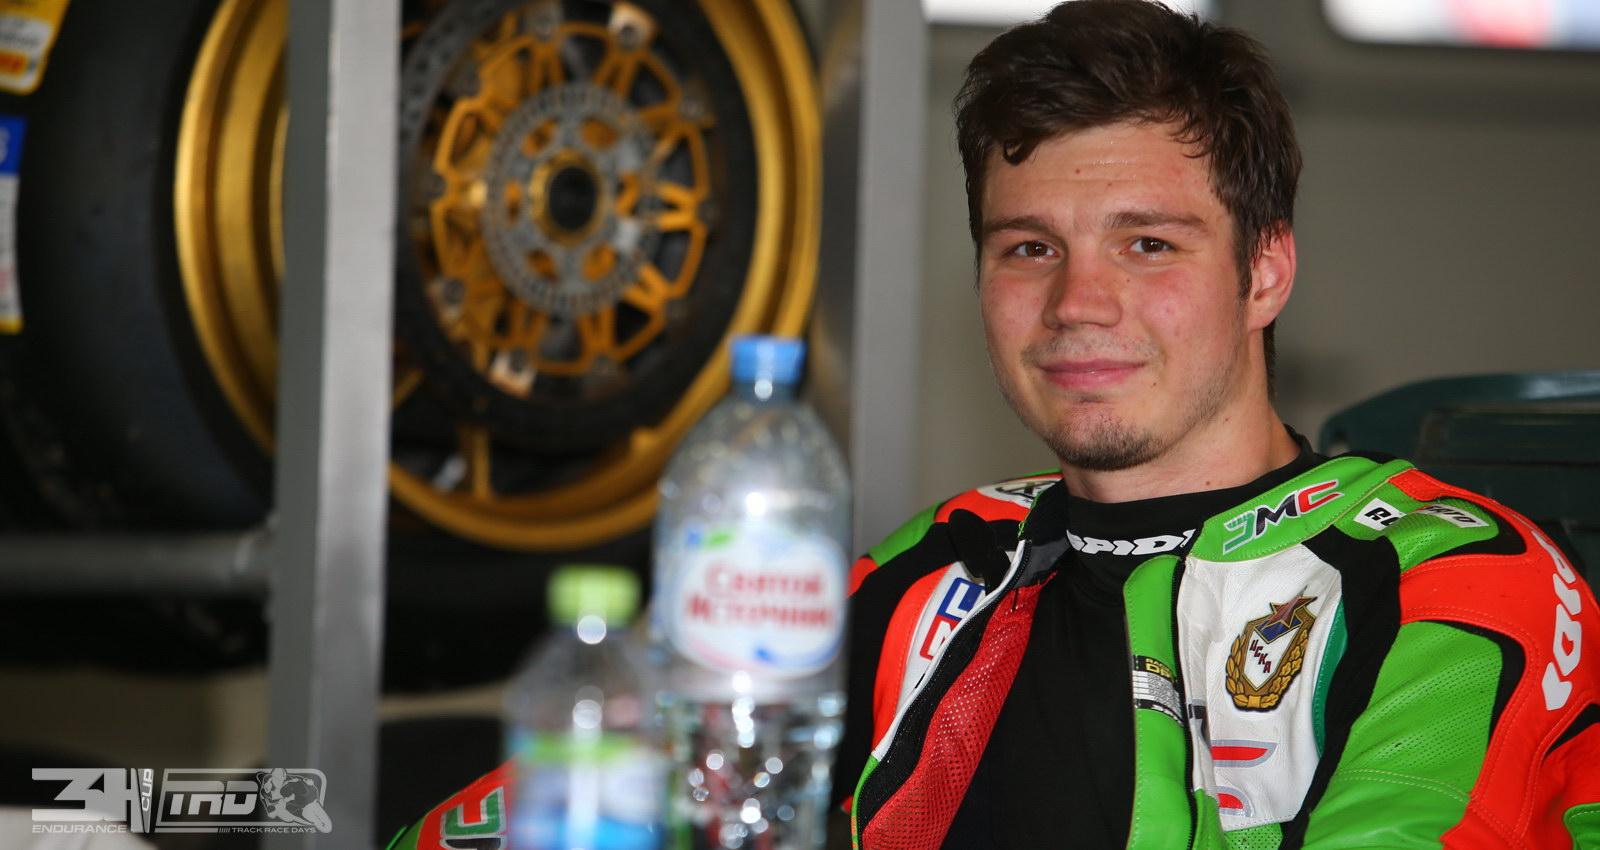 Алексей Иванов возглавил команду Mixed Team в этой гонке